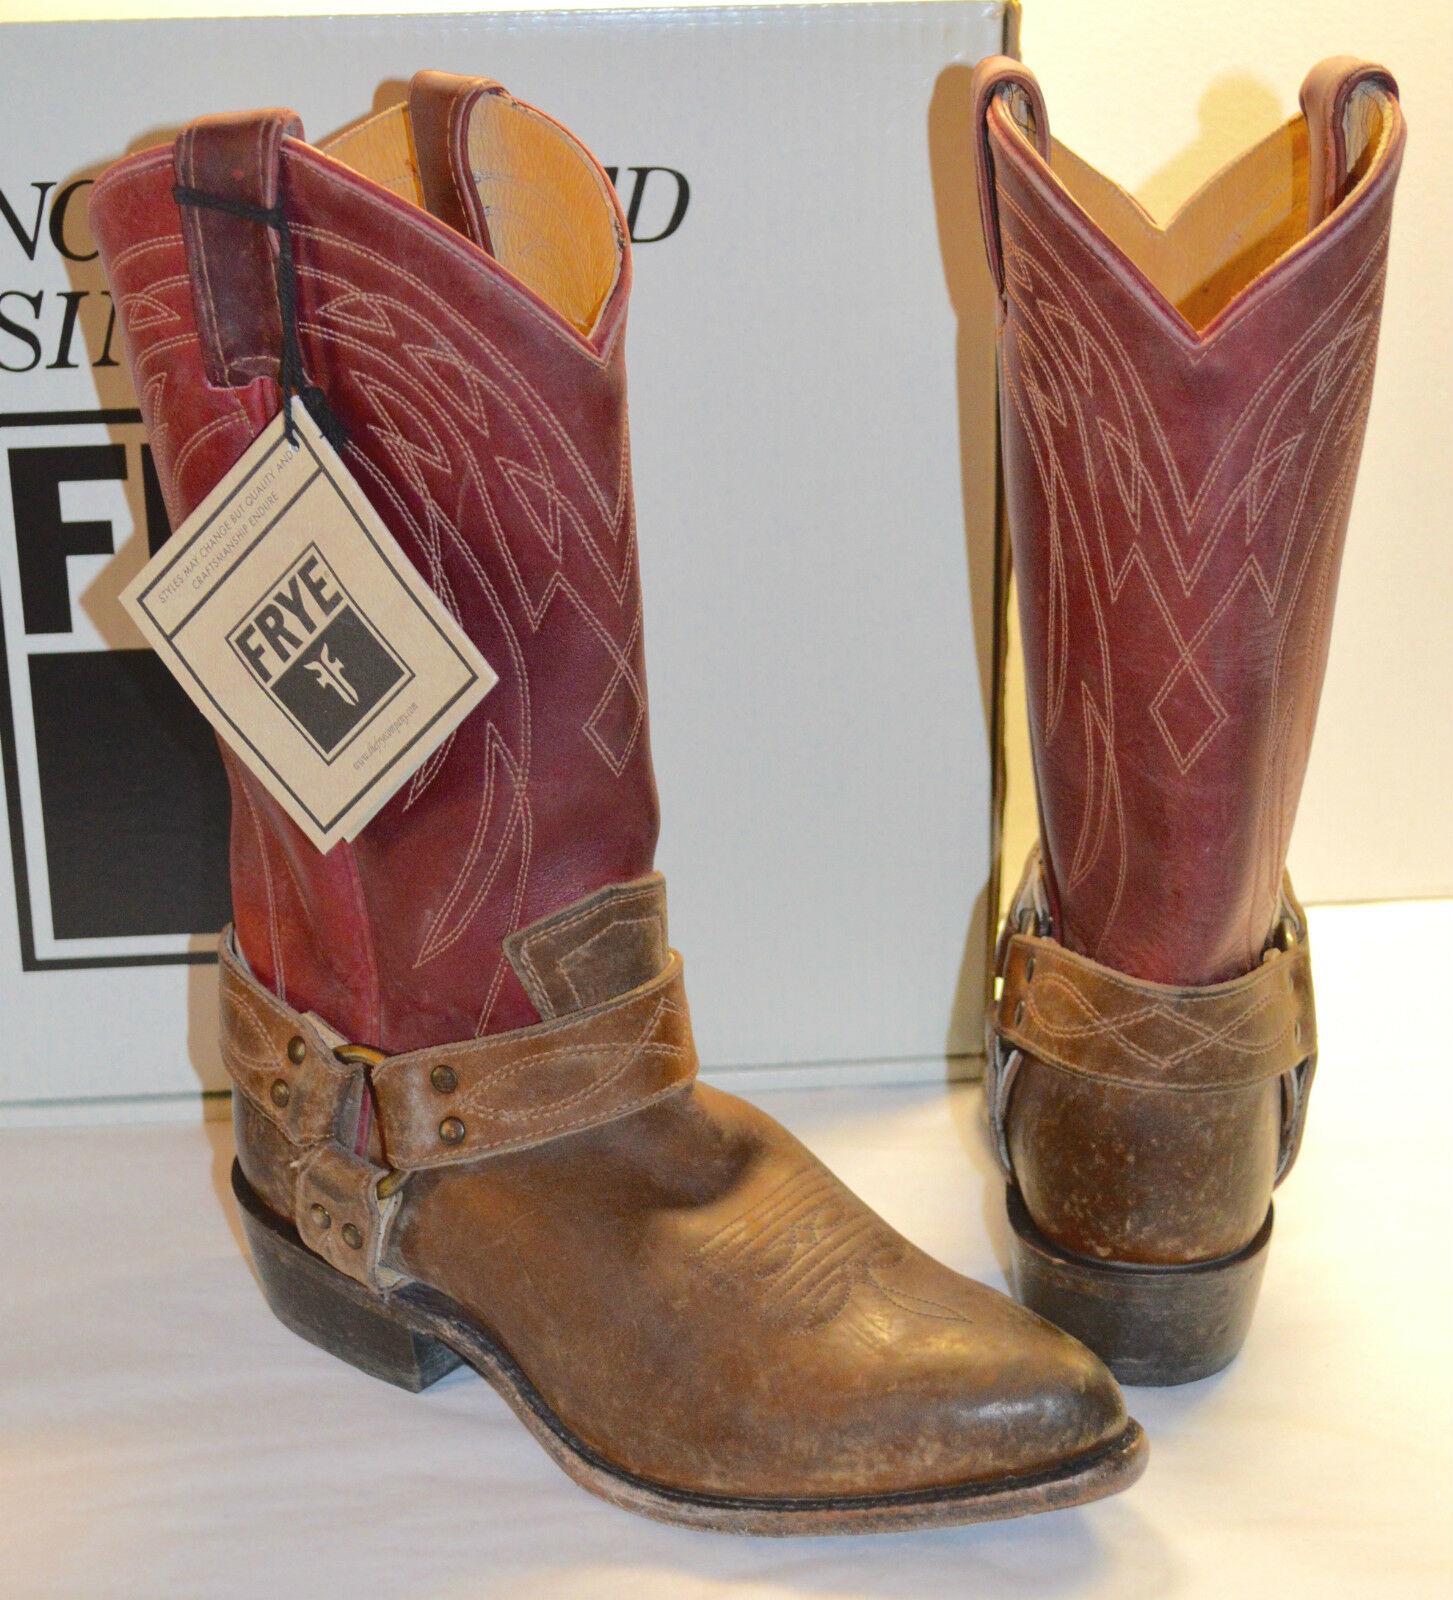 Nuevo  348 Frye Billy Arnés De Cuero Marrón Borgoña Borgoña Borgoña Multi botas de vaquero con aspecto envejecido  Venta al por mayor barato y de alta calidad.